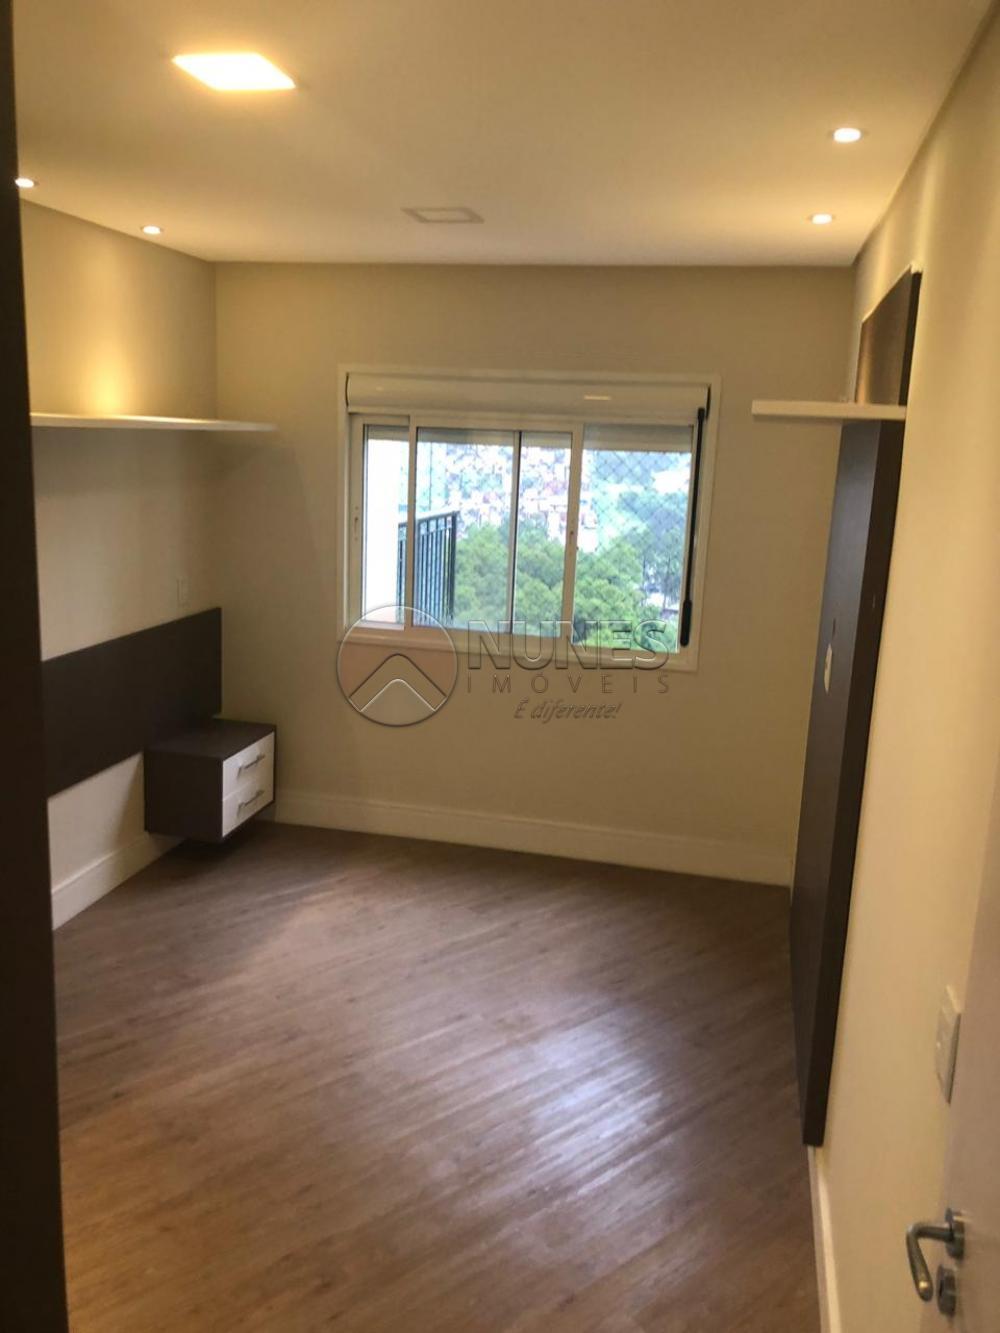 Comprar Apartamento / Padrão em Barueri apenas R$ 520.000,00 - Foto 11